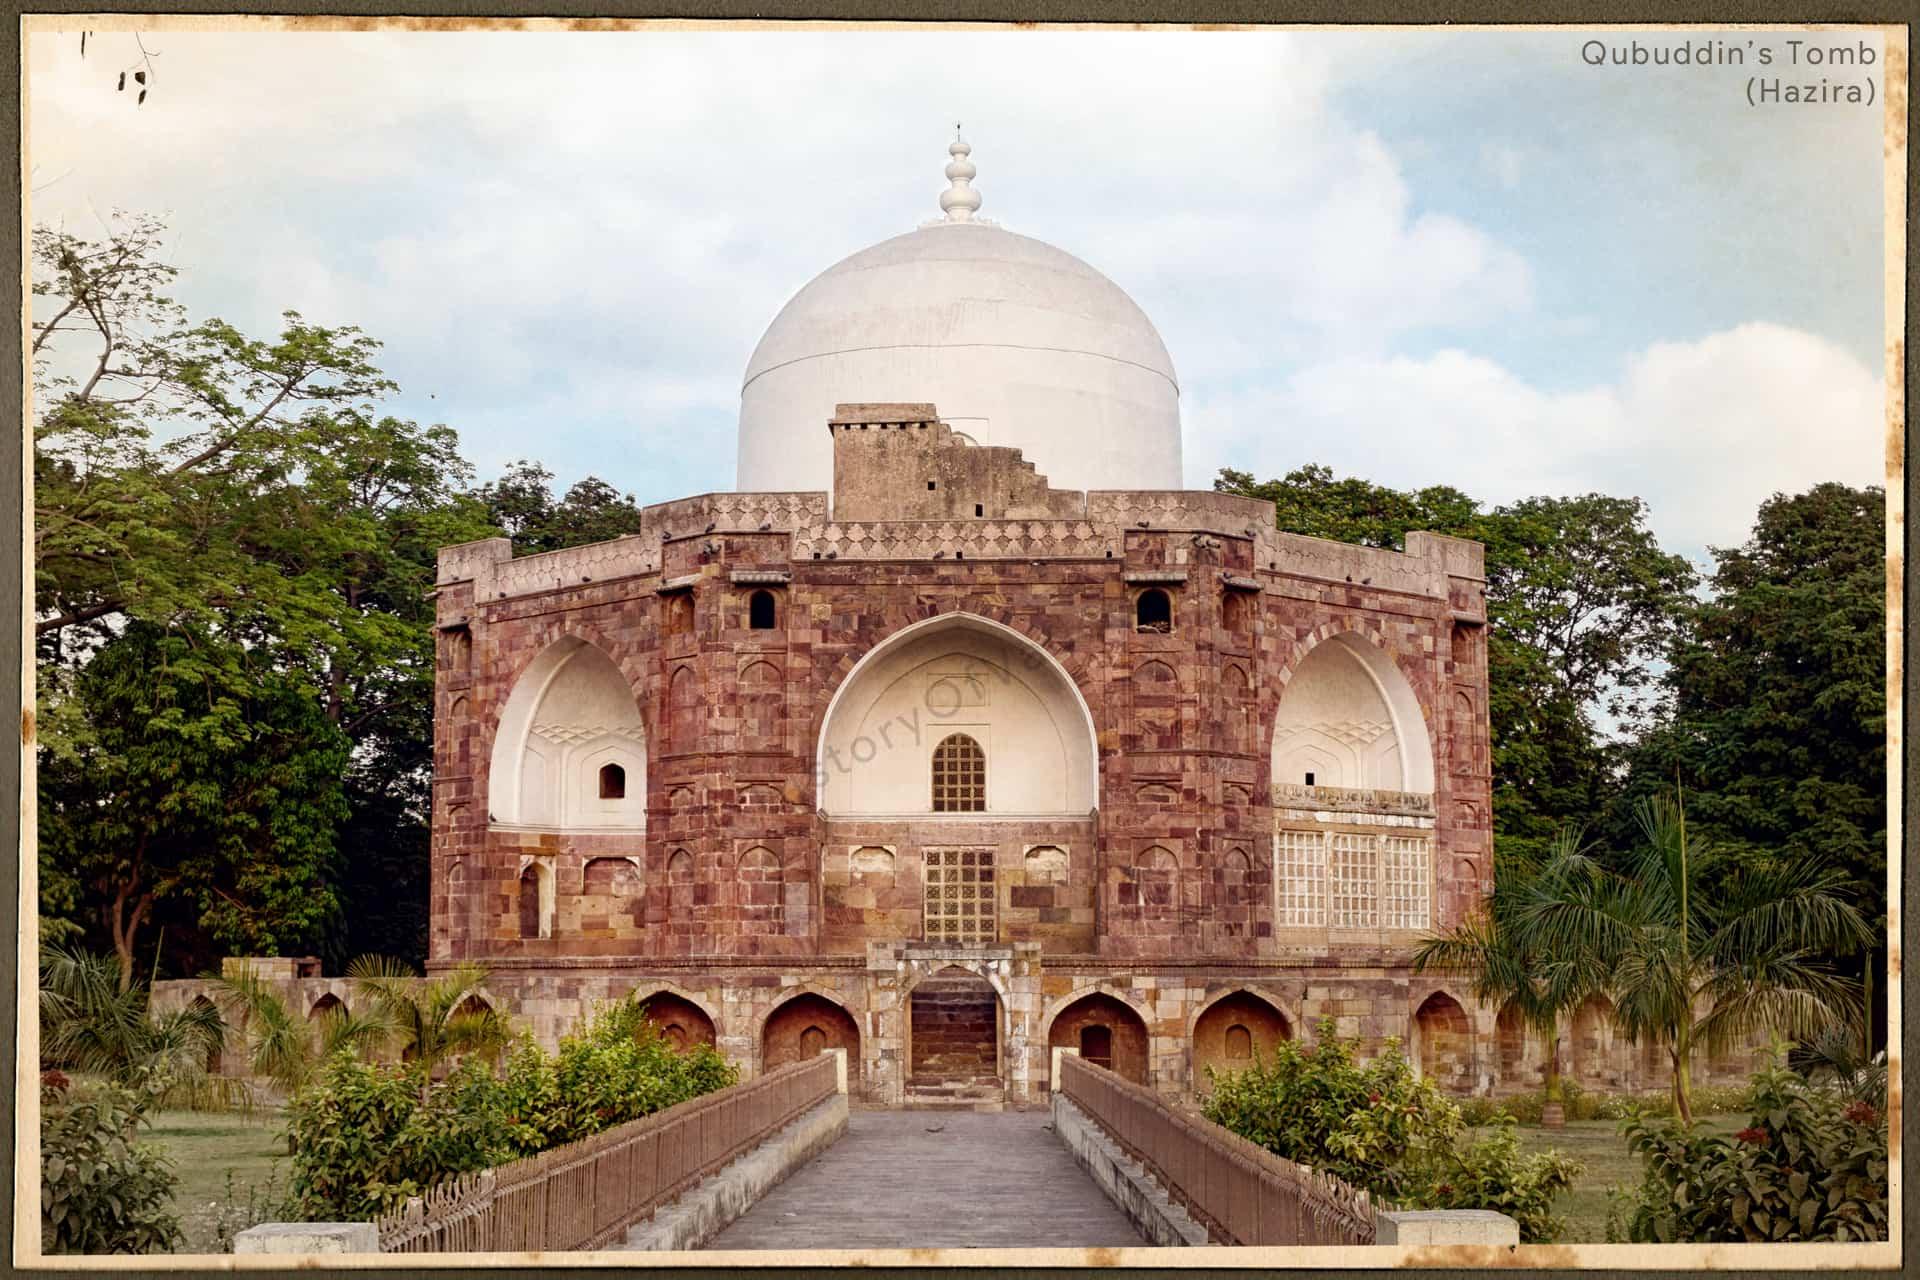 Qutbuddins Tomb